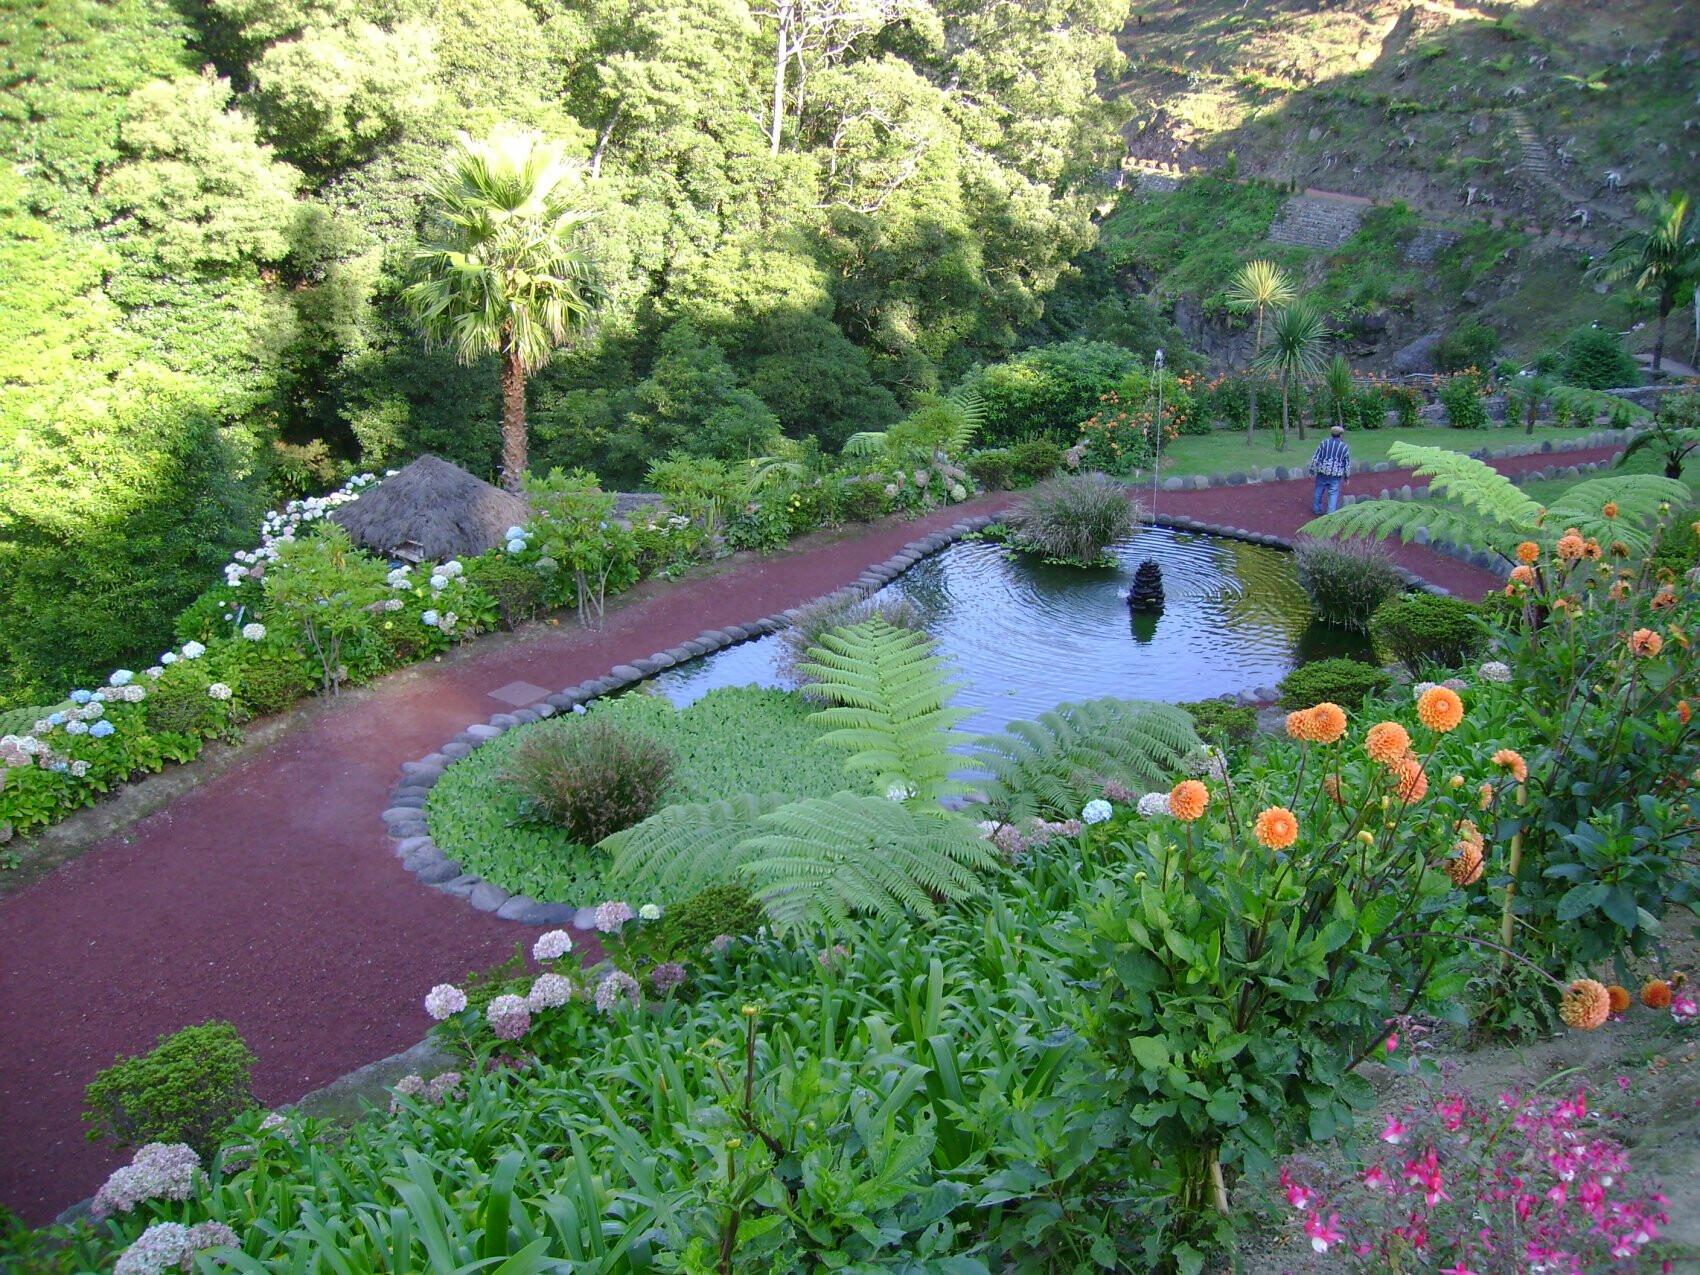 parque-natural-da-ribeira-dos-caldeirões-guia-de-viagem-pontos-de-interesse-turístico-Açores